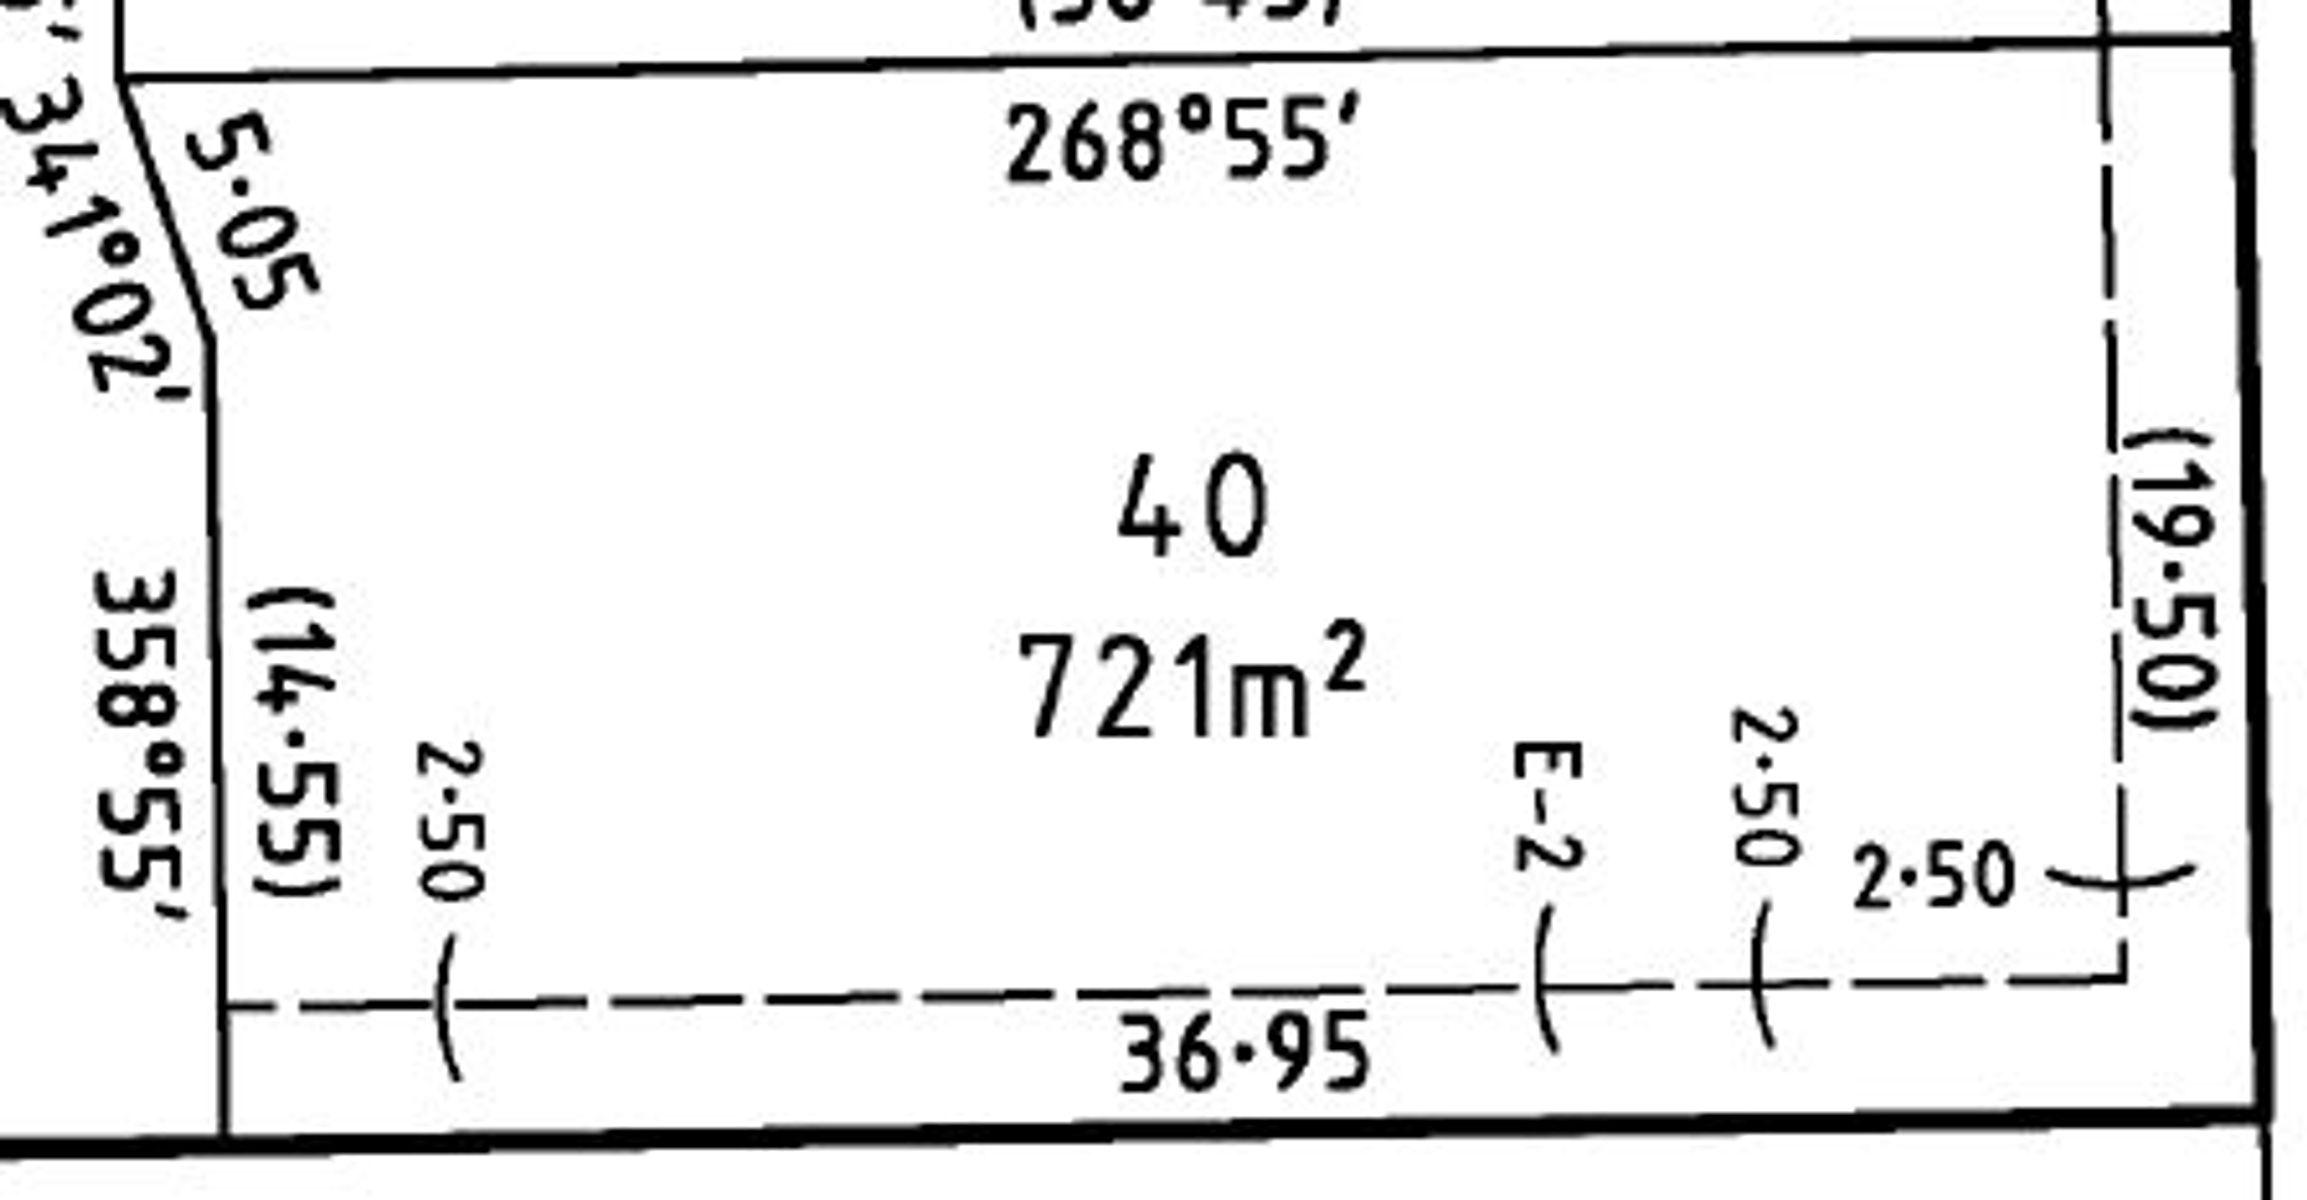 3 Wombat Way, Kyabram, VIC 3620